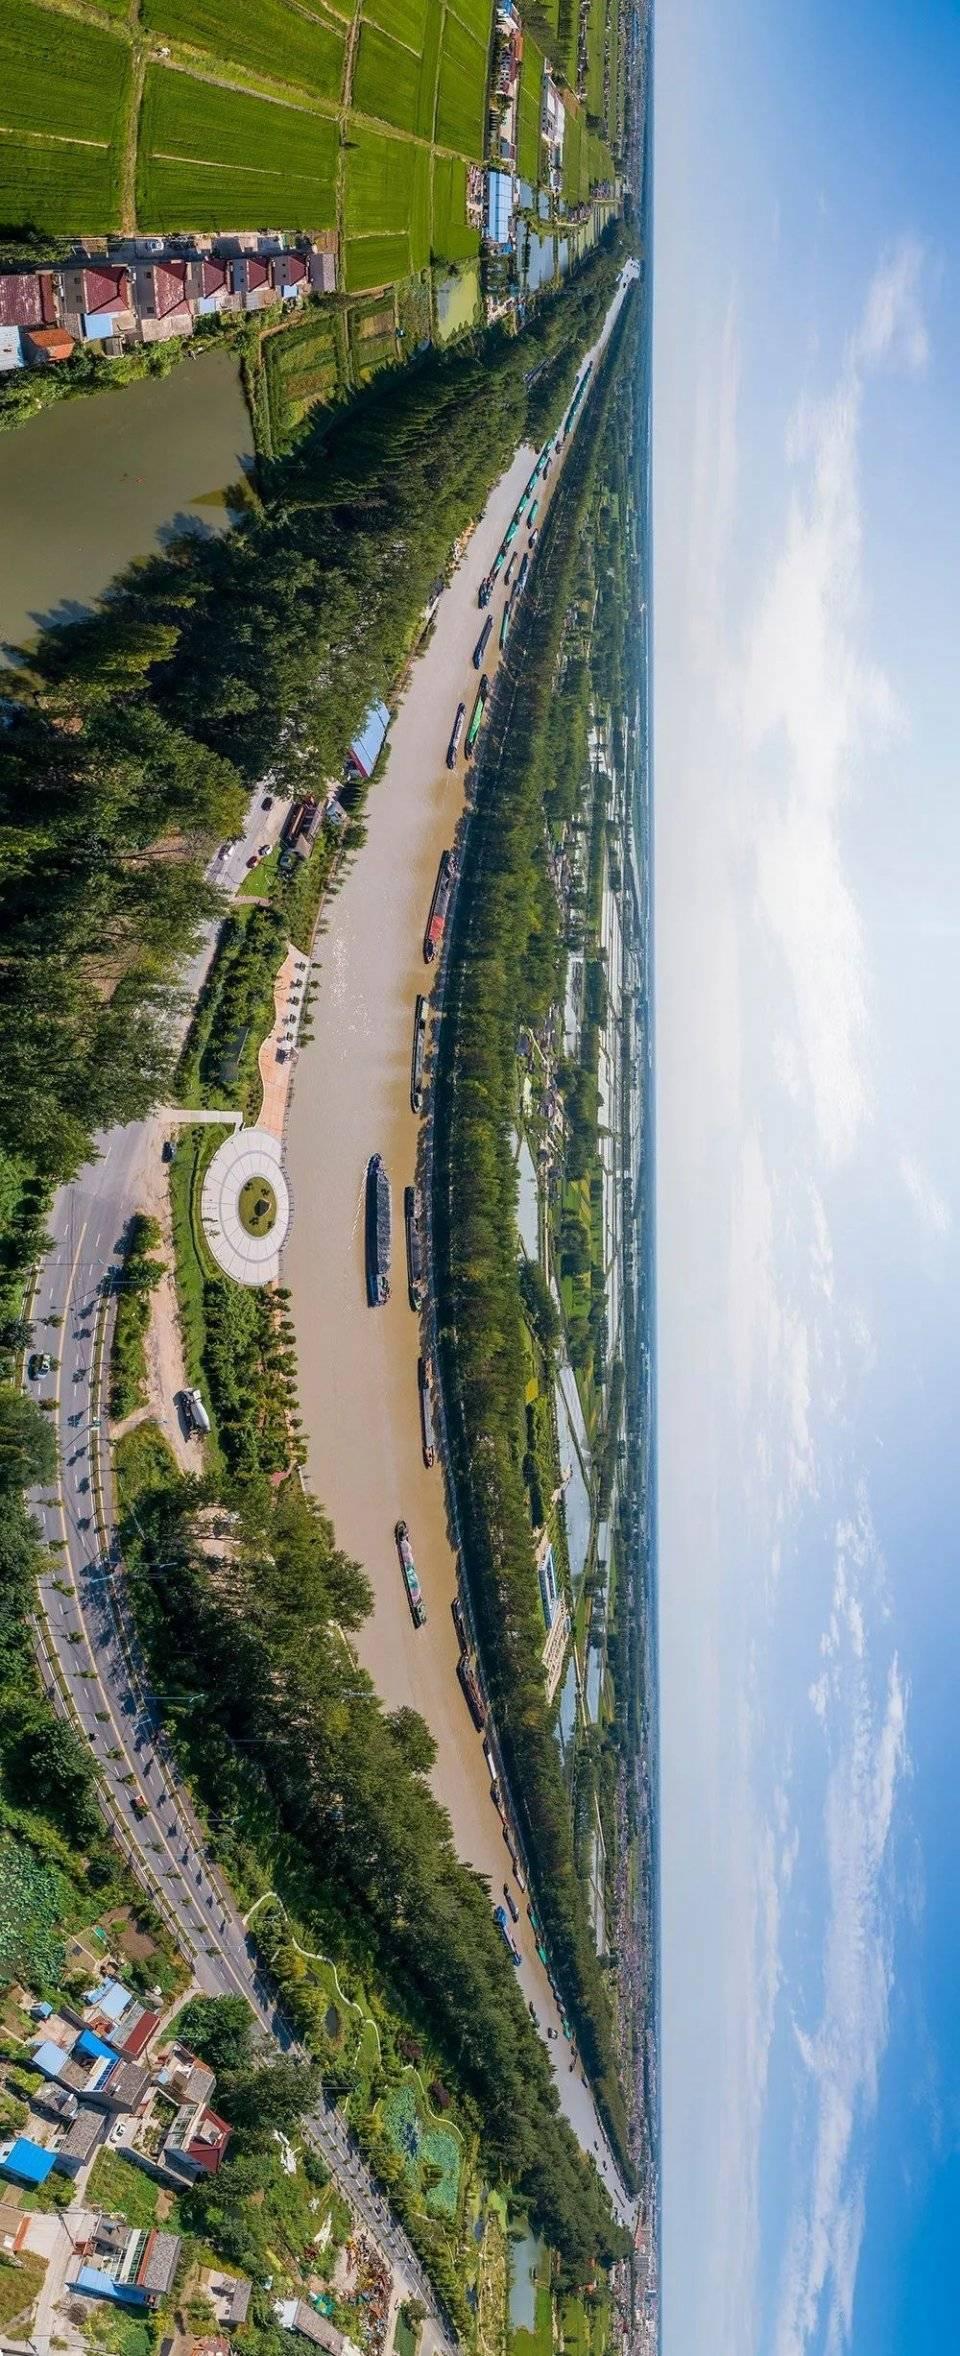 扬州是个好地方,乘着高铁游扬州!